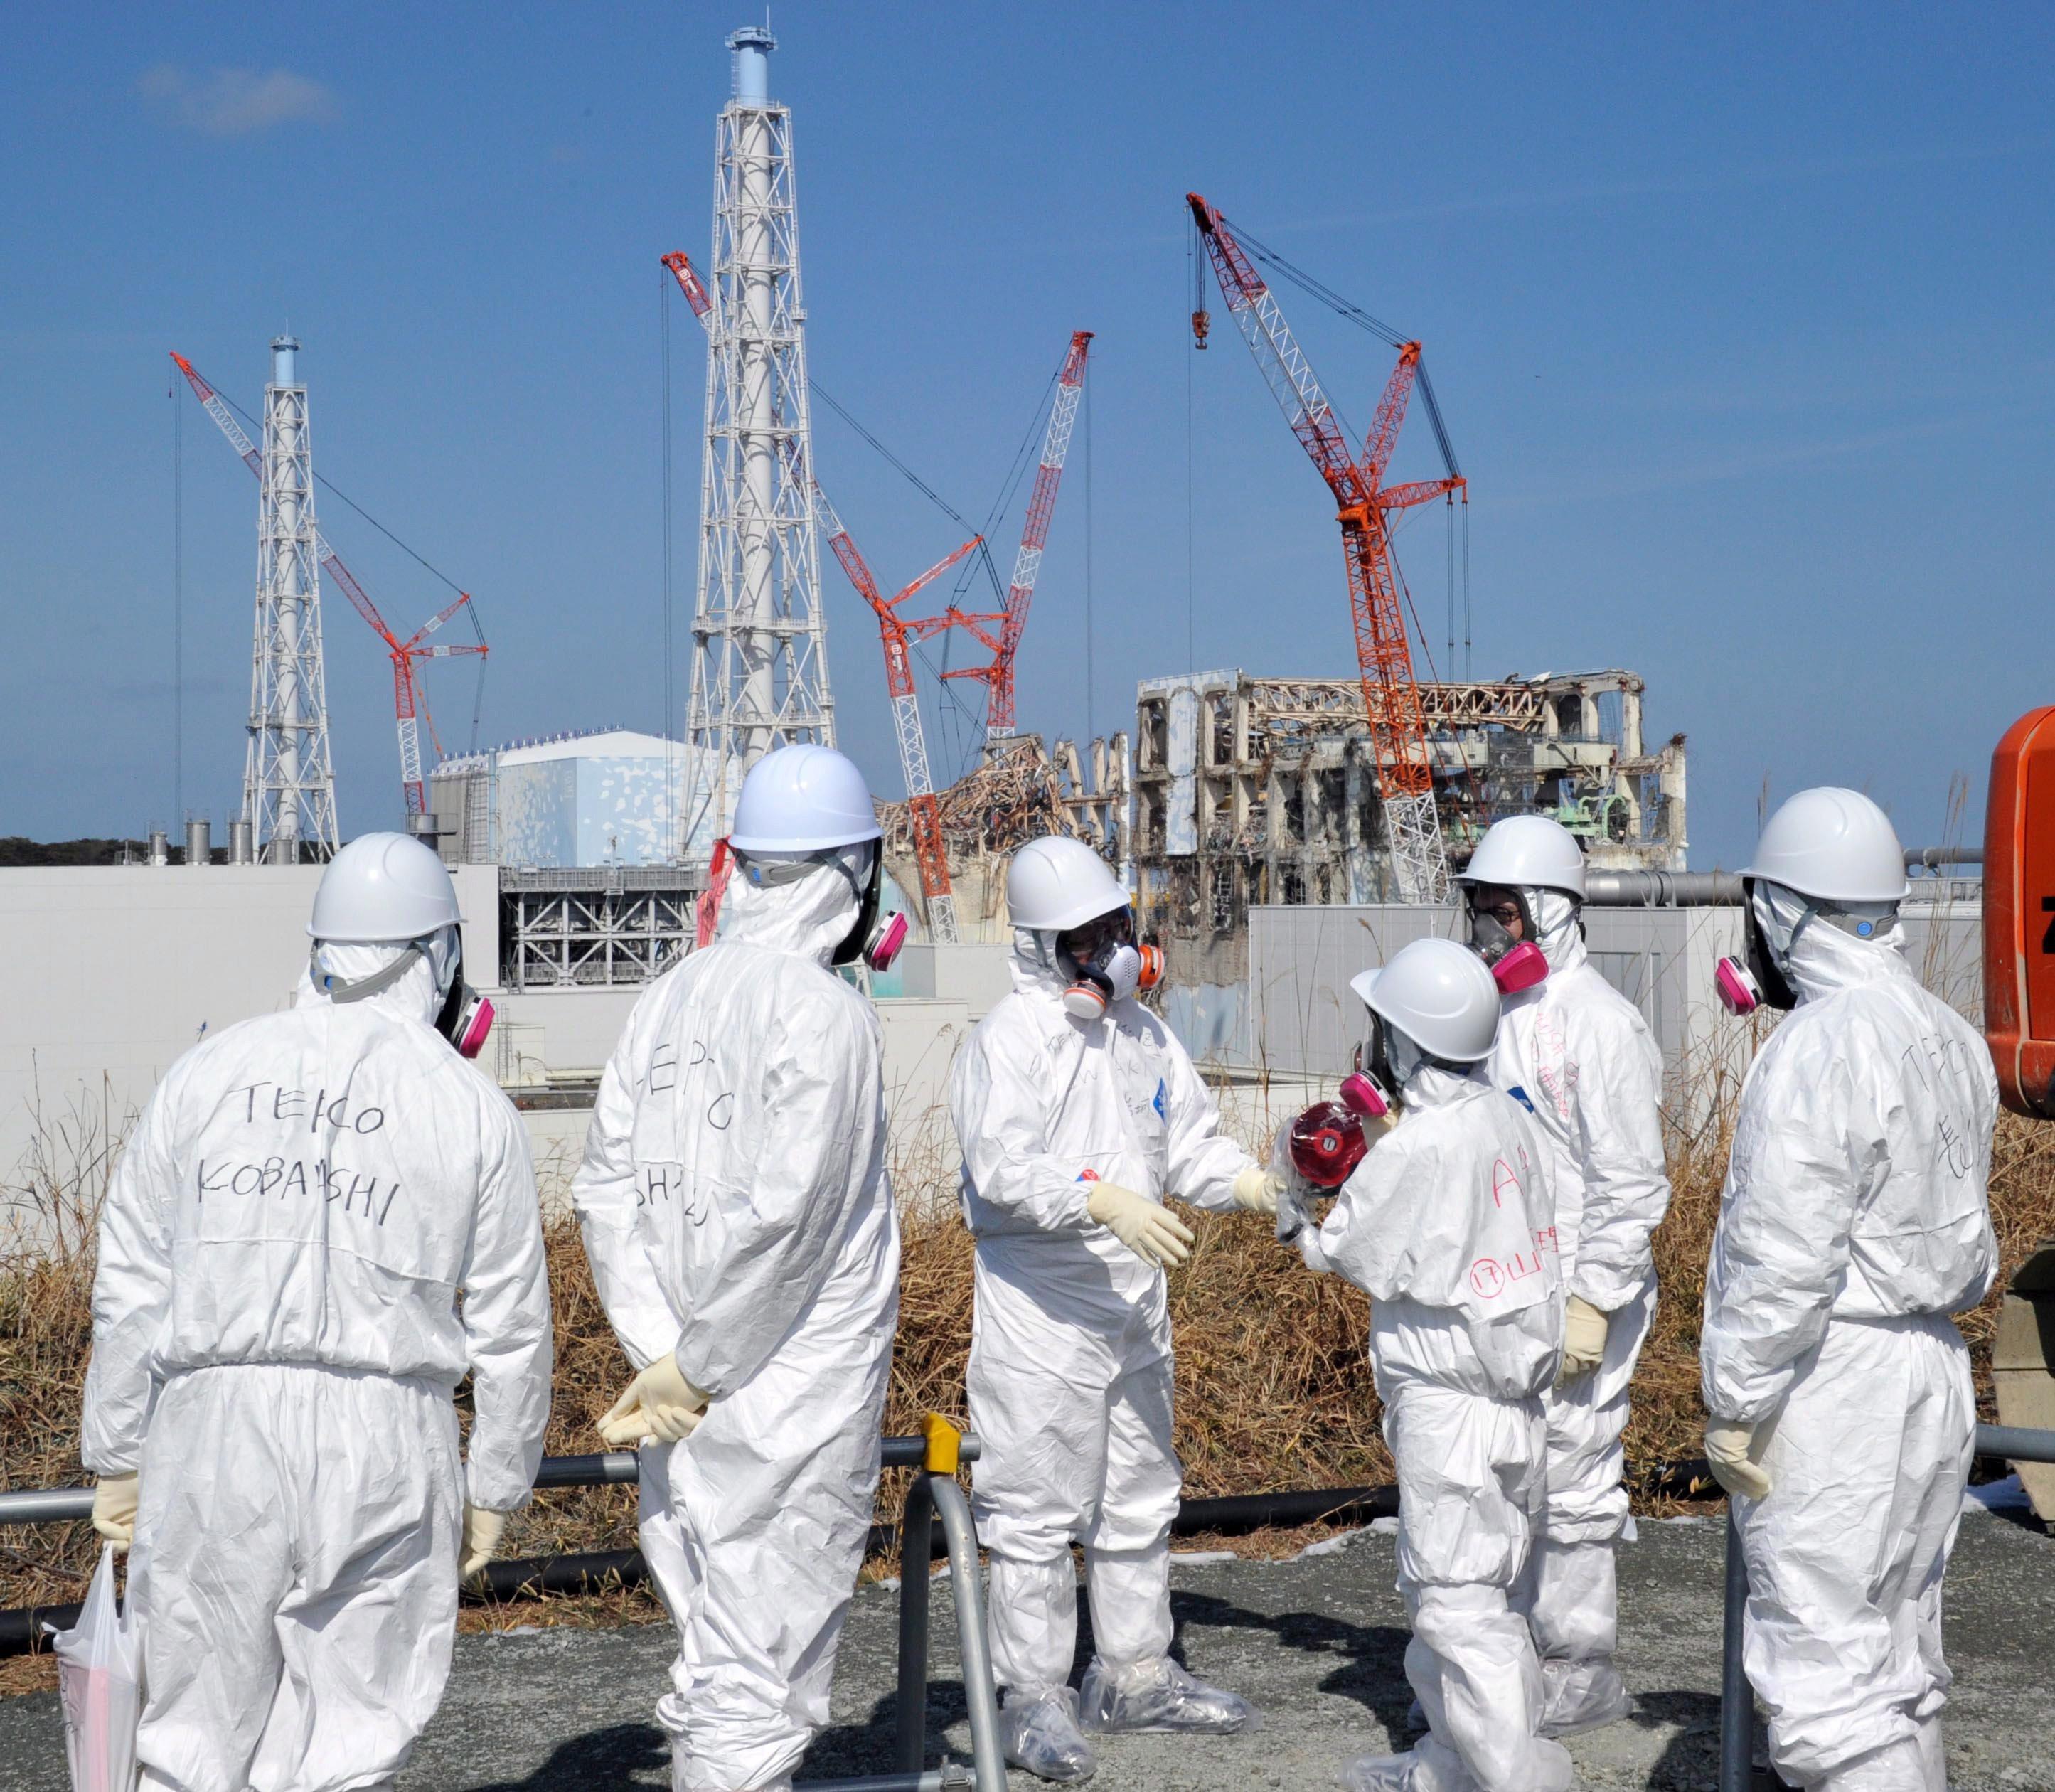 Beim Reaktorunfall im japanischen Fukushima fielen mit dem Strom auch die Wasserpumpen aus, die zur Kühlung der Brennstäbe eigentlich Tag und Nacht funktionieren müssen. Bei Schmelzsalzreaktoren soll die Kühlung hingegen unabhängig vom Strom funktionieren.